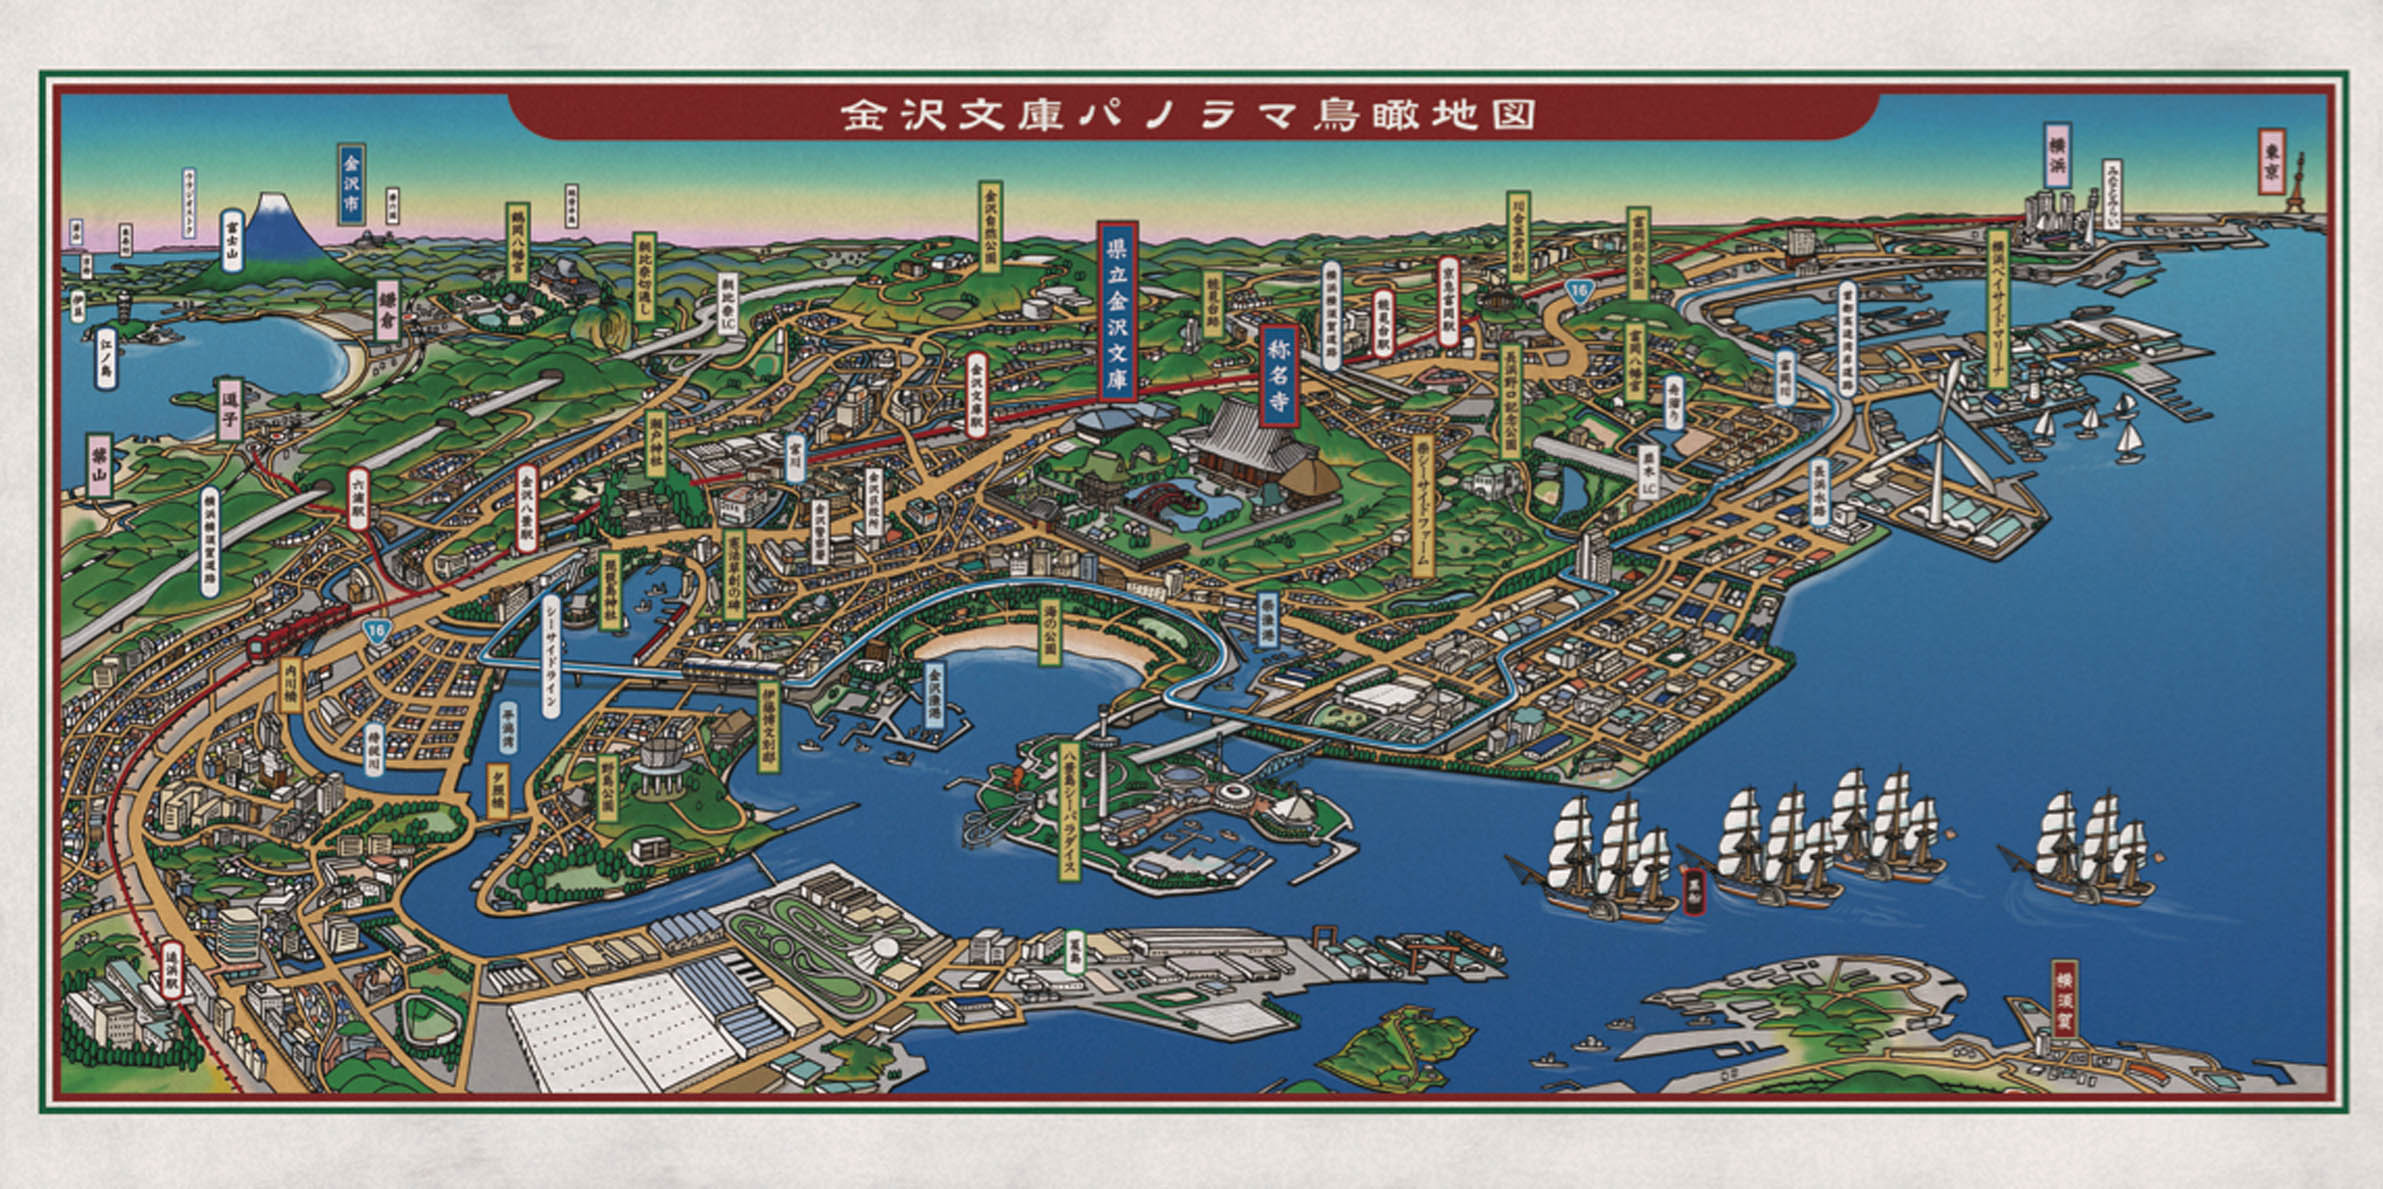 横浜金沢文庫鳥瞰マップ